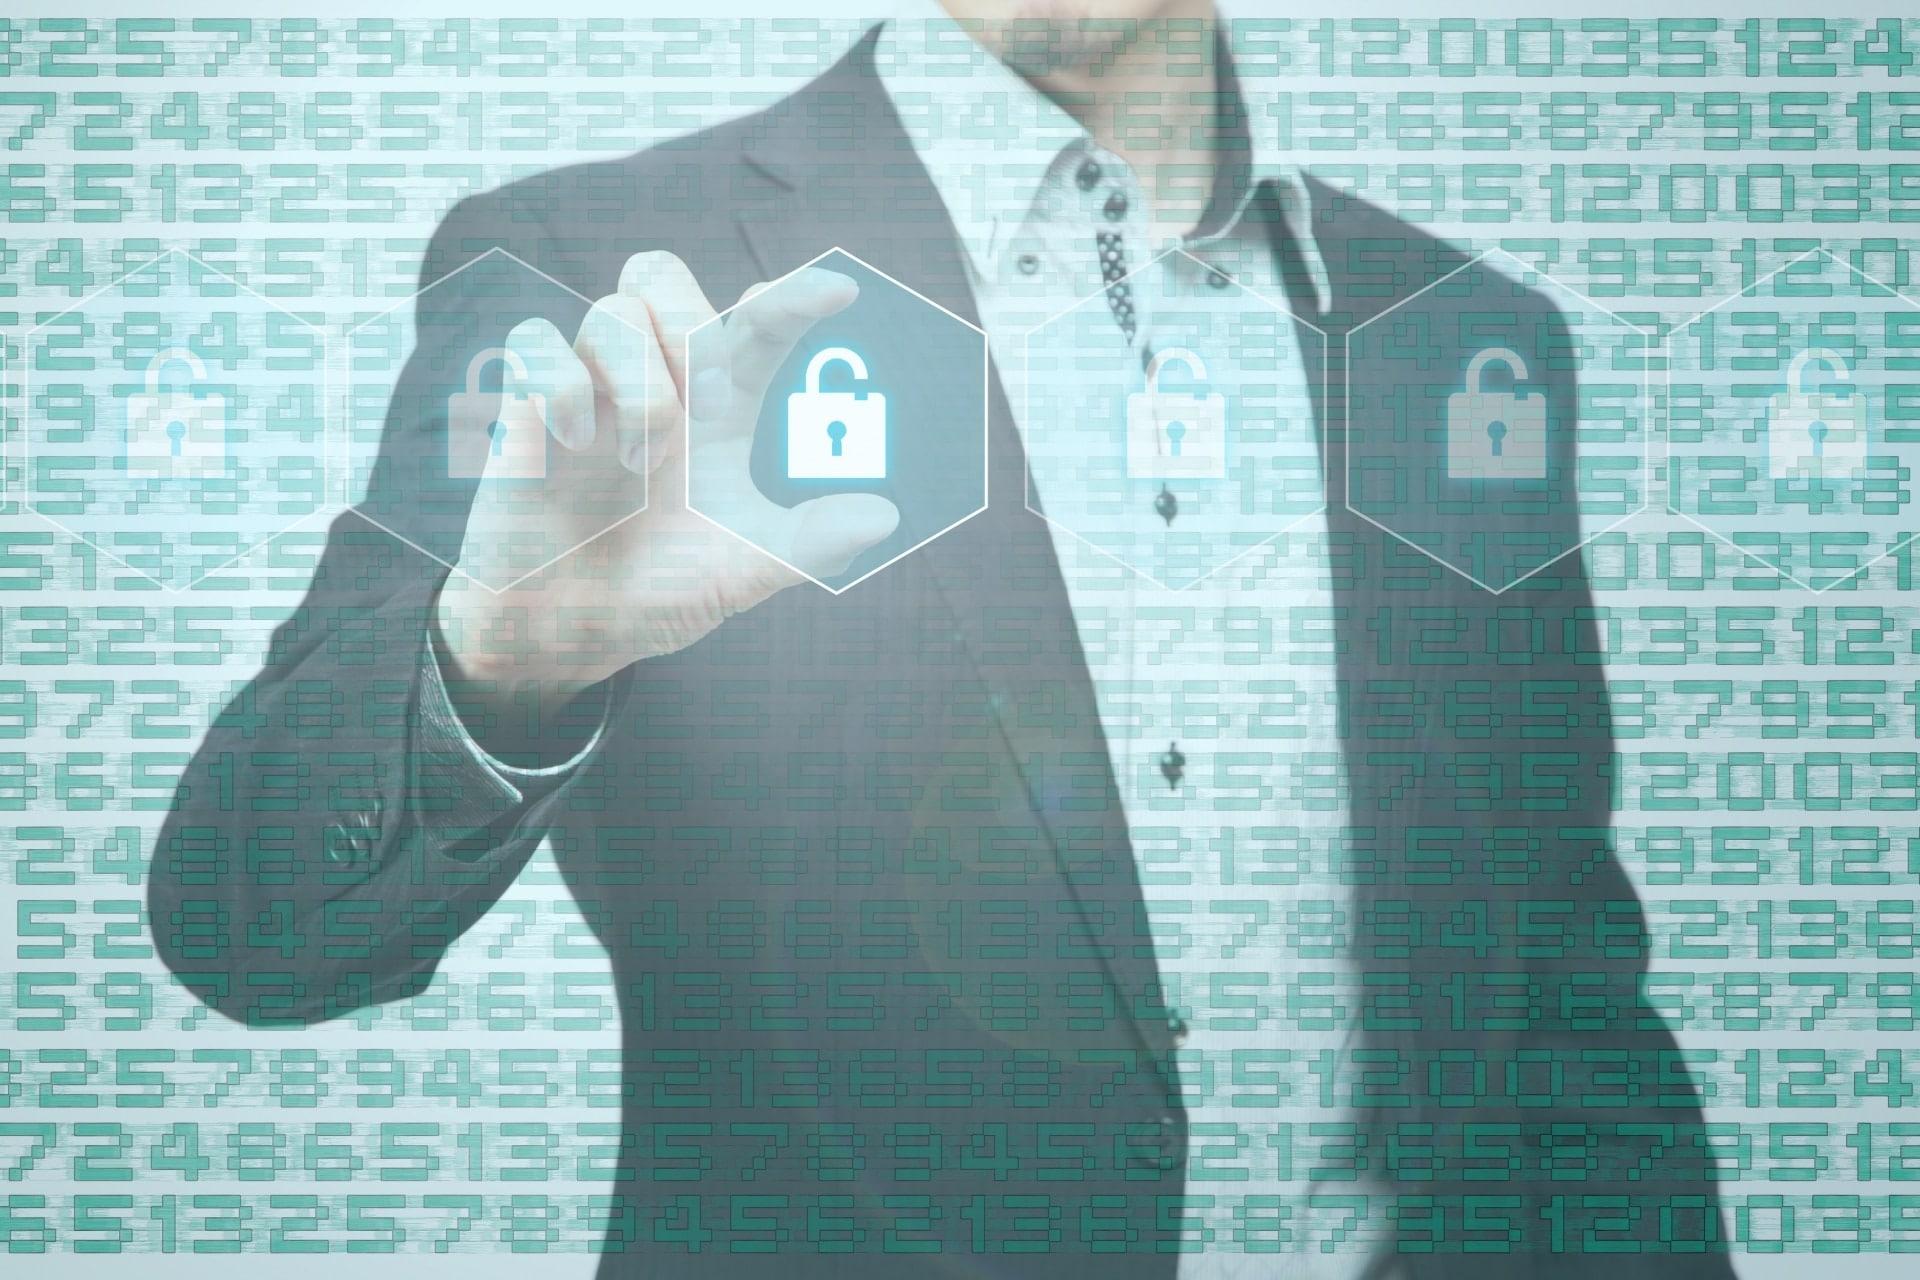 セキュリティ対策を企業が行う理由とは?